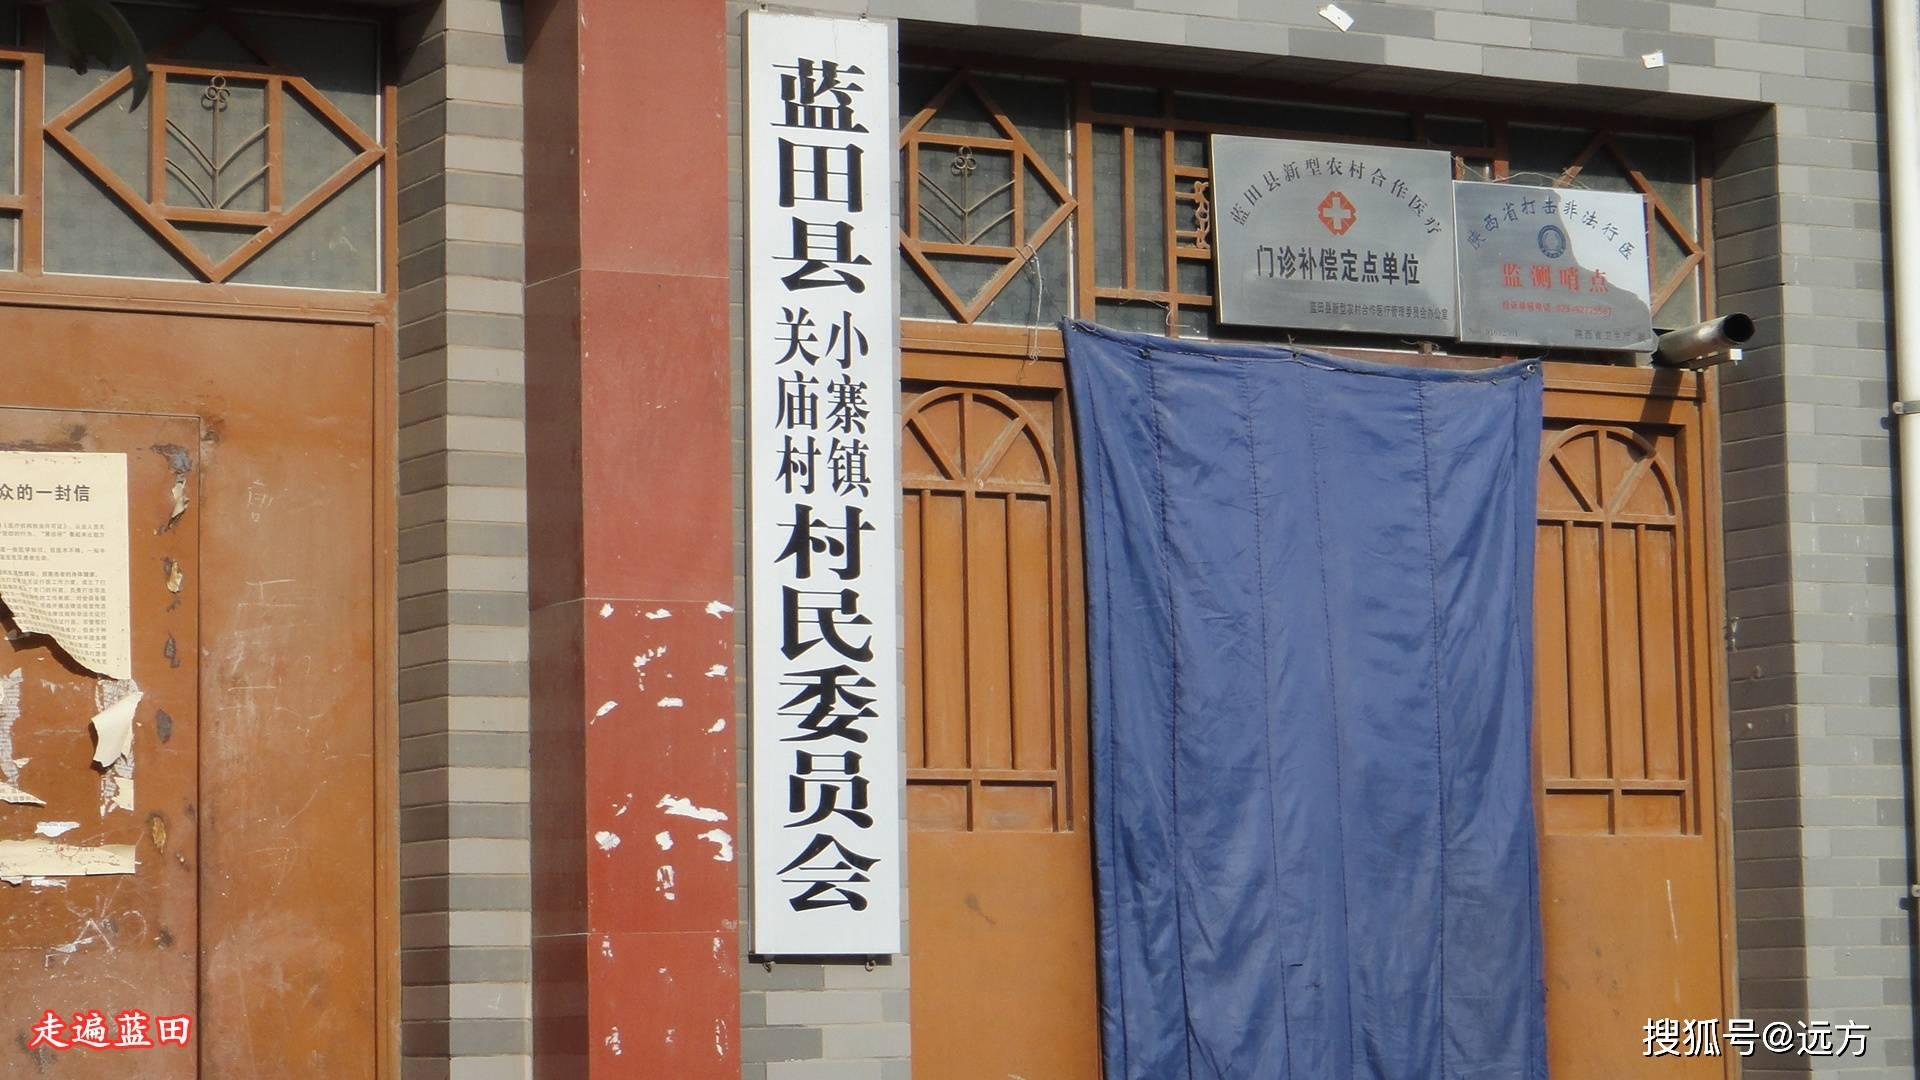 走遍蓝田,2014小寨镇(关庙村)穿越旅行(1)。